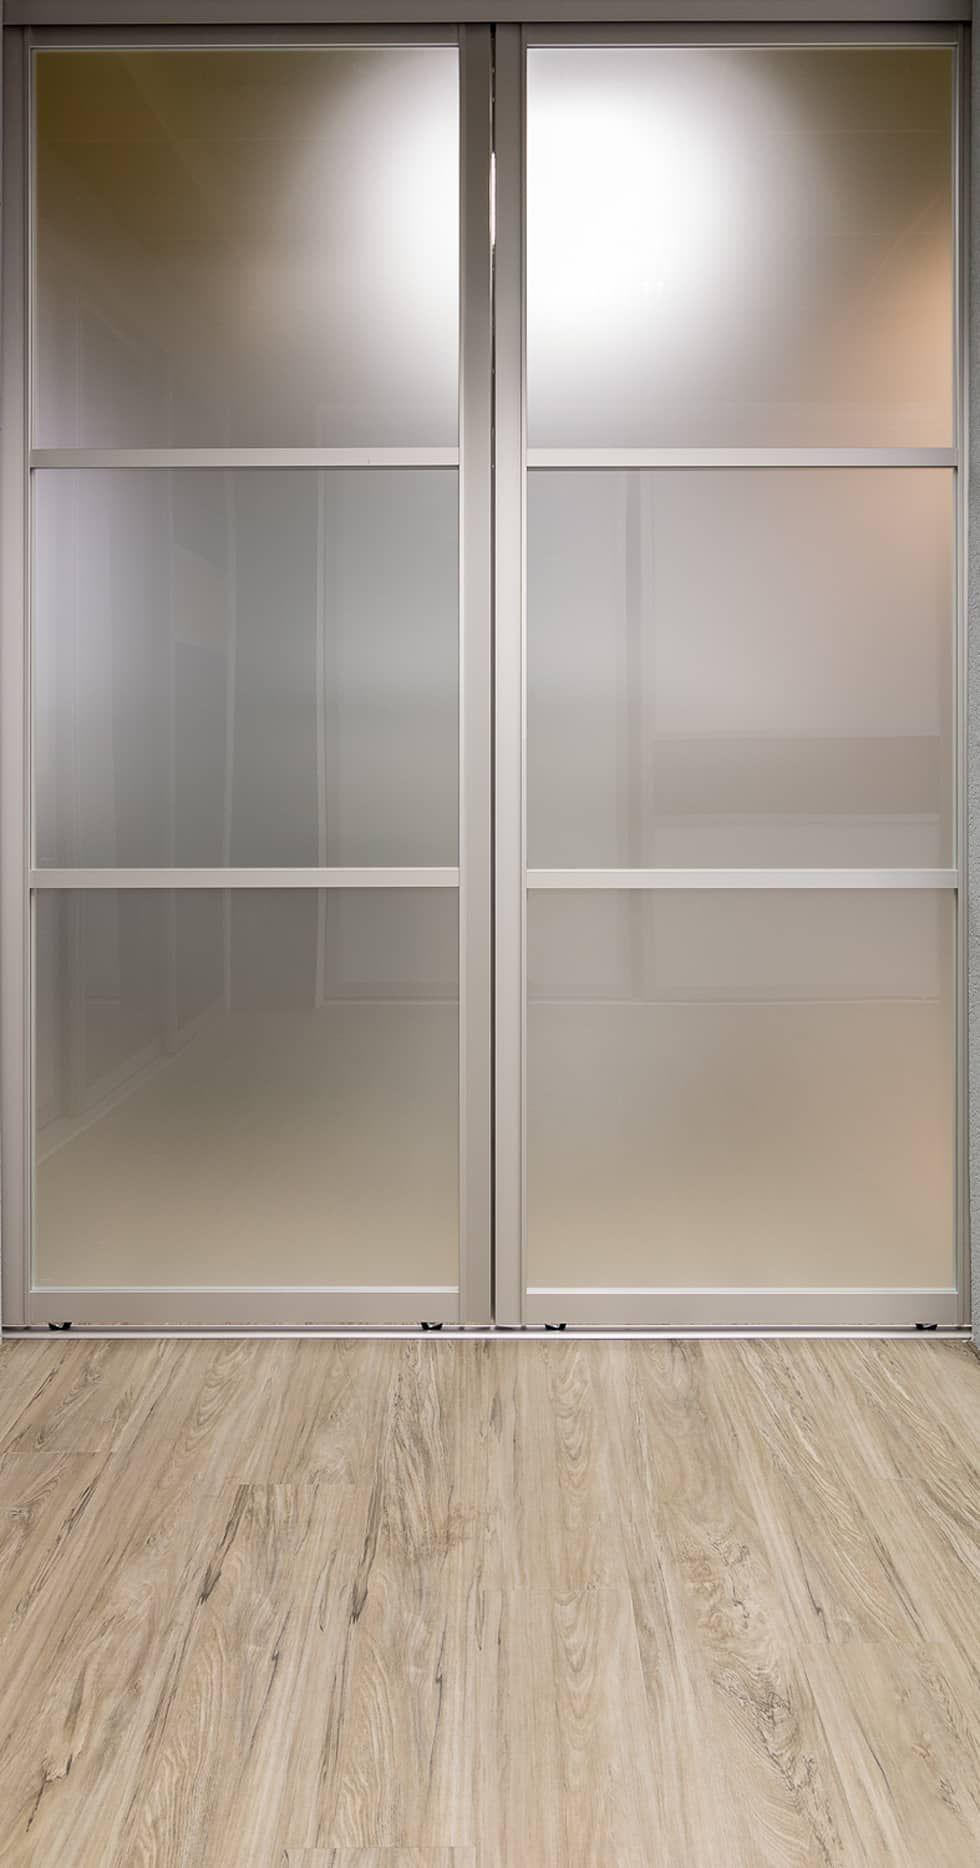 Einbauschrank Und Begehbarer Kleiderschrank   Mit Stil: Moderne  Ankleidezimmer Von Elfa Deutschland GmbH